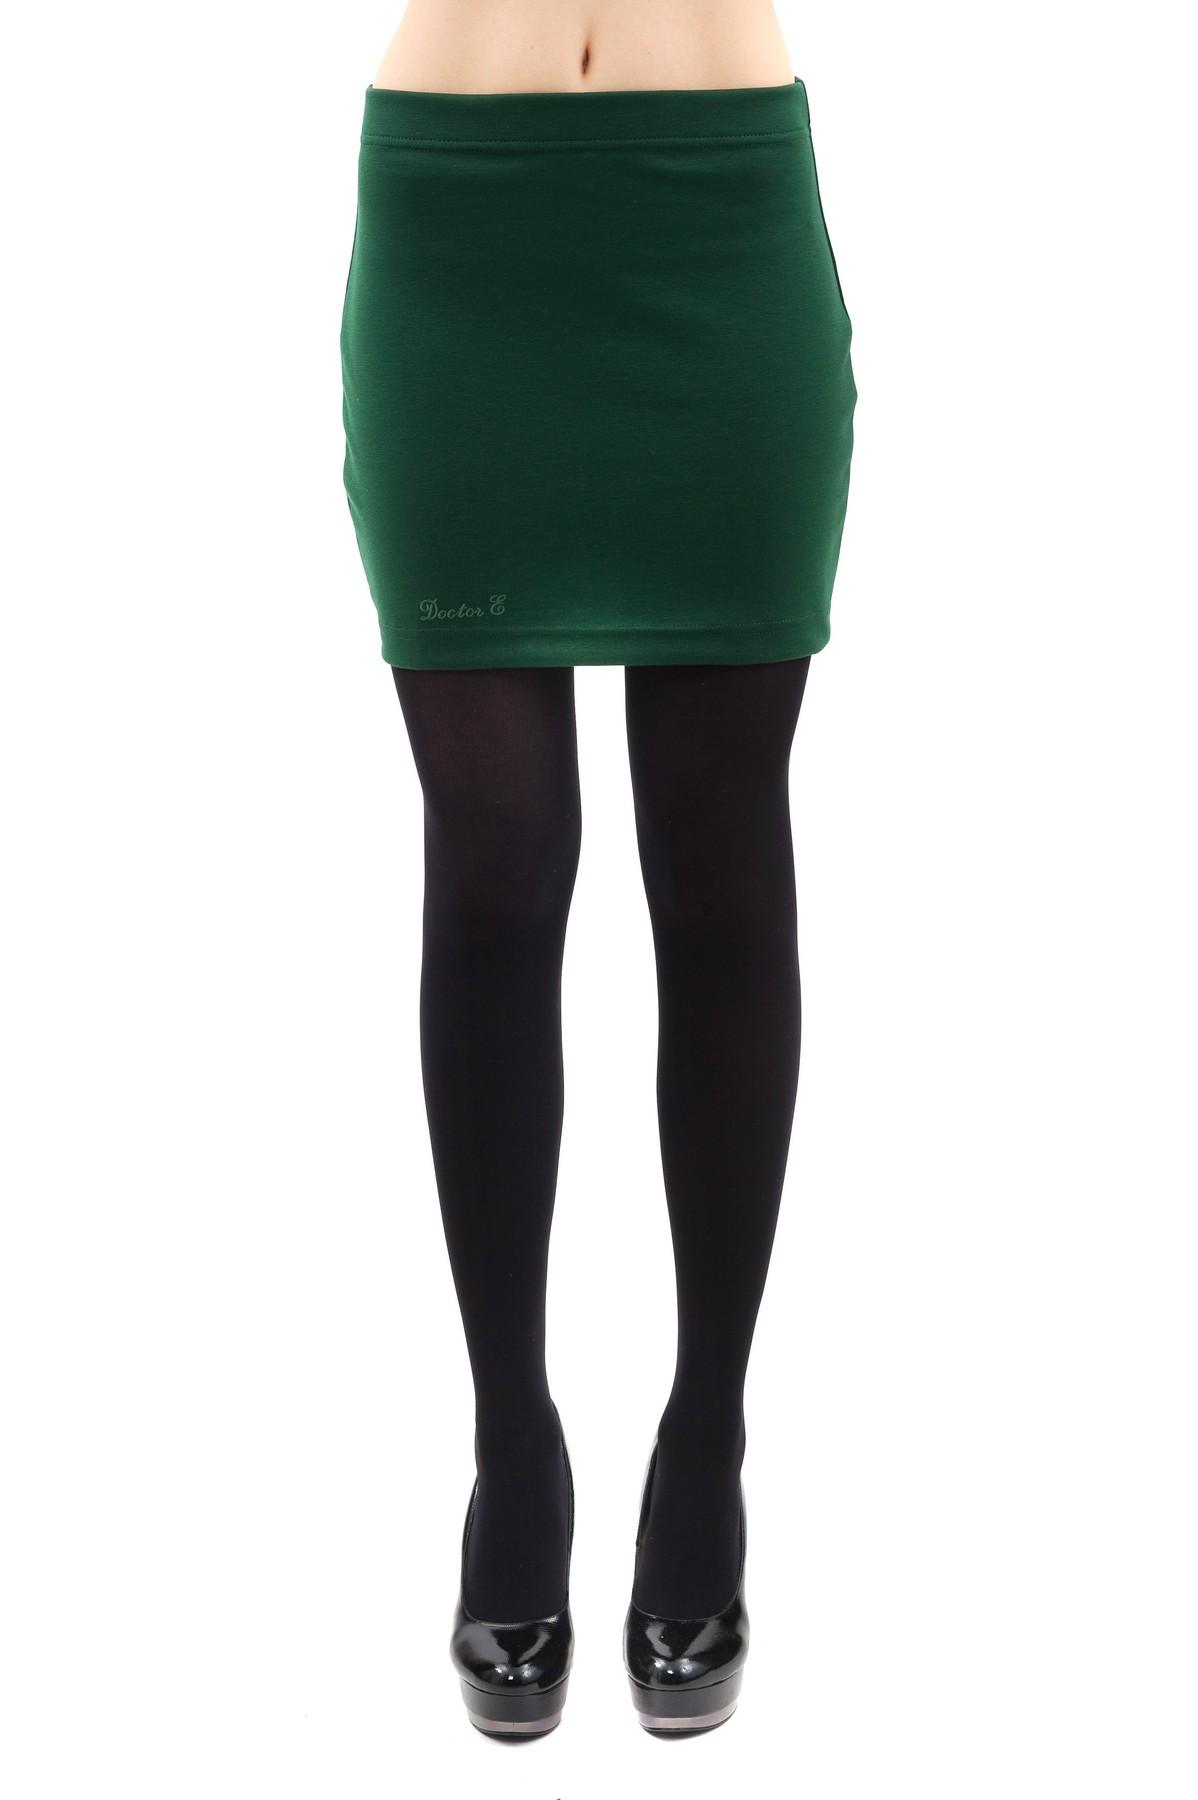 ЮбкаЖенские юбки и брюки<br>Очаровательная юбка лаконичного и стильного дизайна. Изделие будет удачно гармонировать с любыми предметами гардероба. Прекрасный вариант на каждый день.<br><br>Цвет: зеленый<br>Состав: 60%вискоза, 35%полиэстер, 5%лайкра<br>Размер: 46,48<br>Страна дизайна: Россия<br>Страна производства: Россия